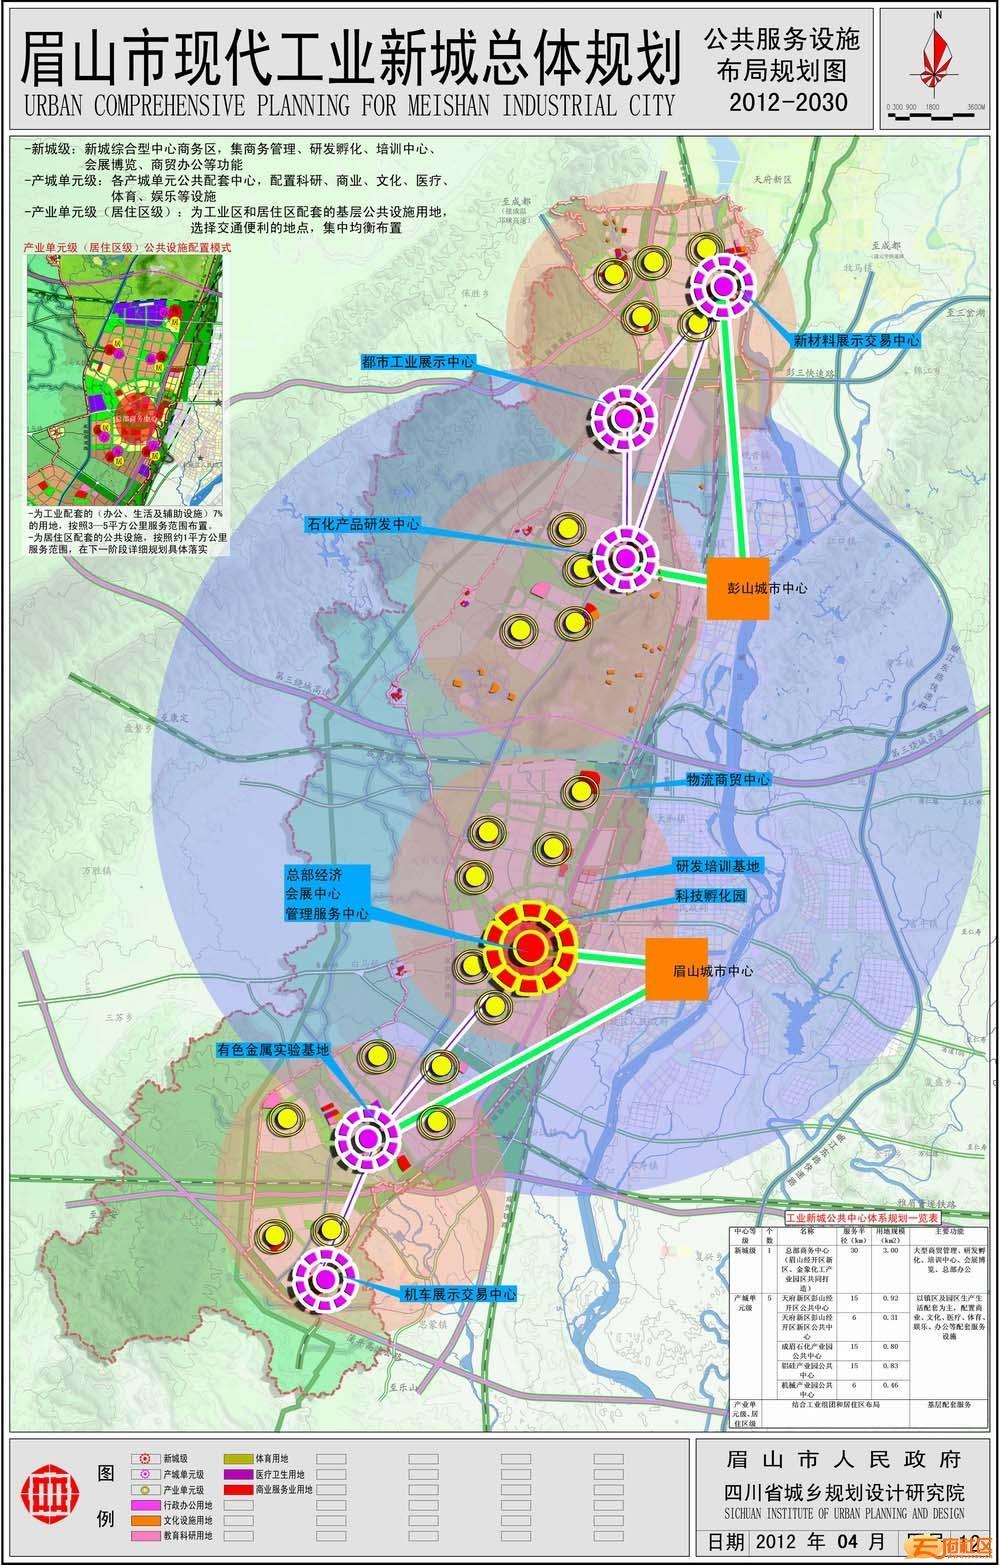 [分享]眉山市现代工业新城总体规划(高清大图)